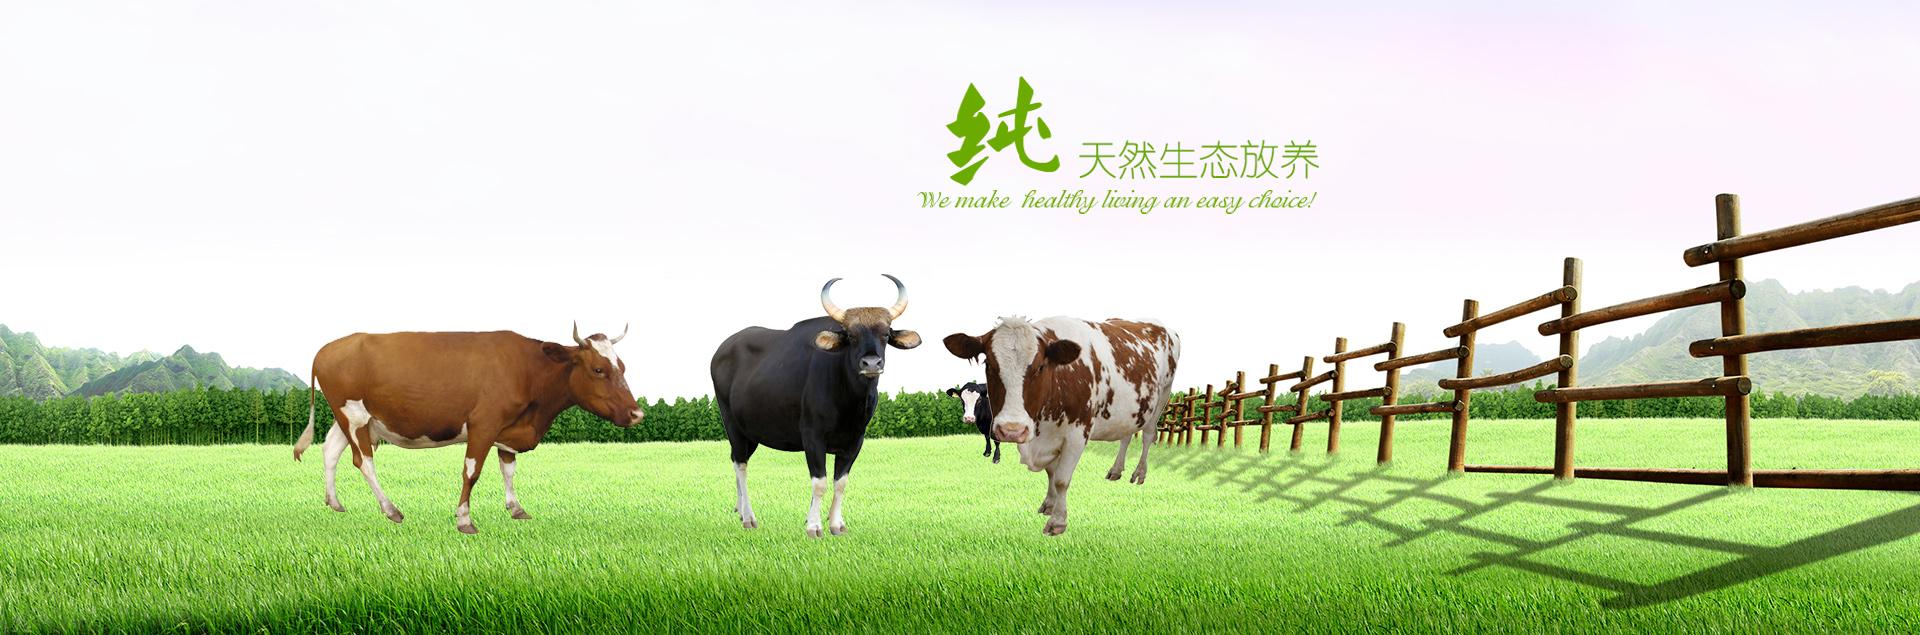 江西养牛基地